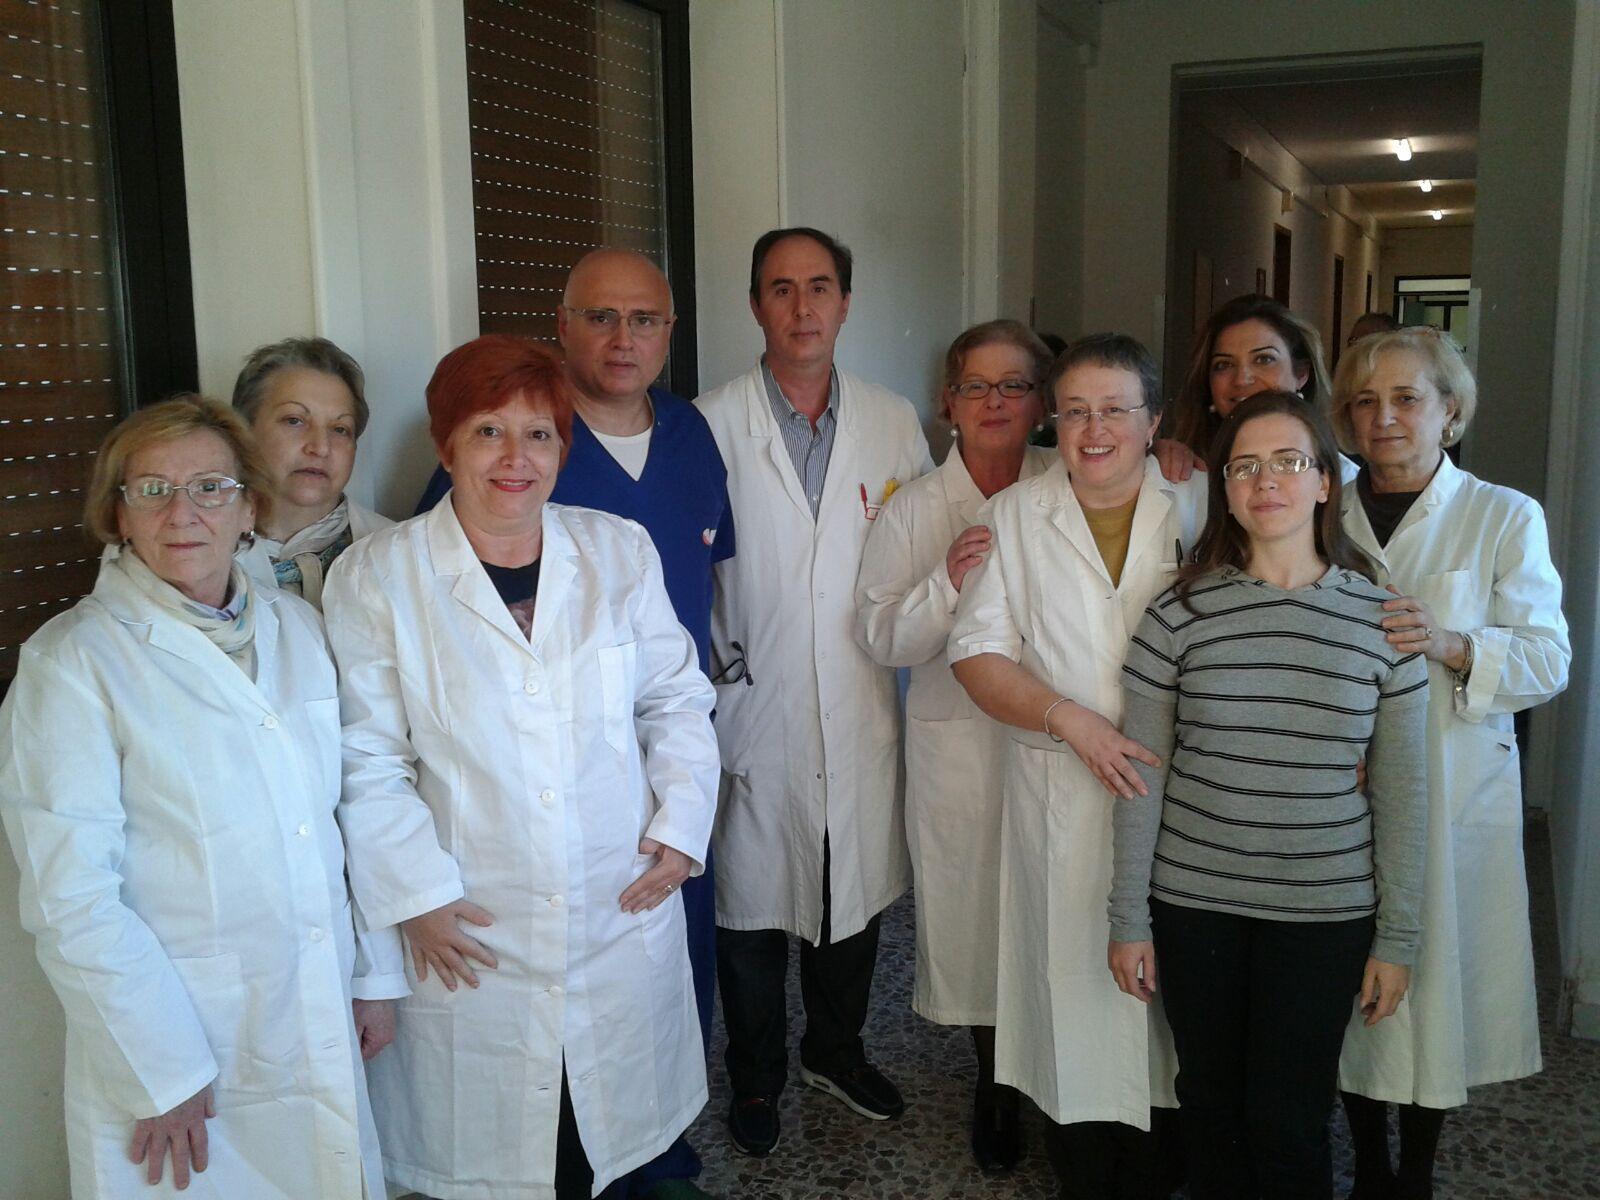 Vivere l'associazione di volontariato in oncologia oggi inaugura a Galatina